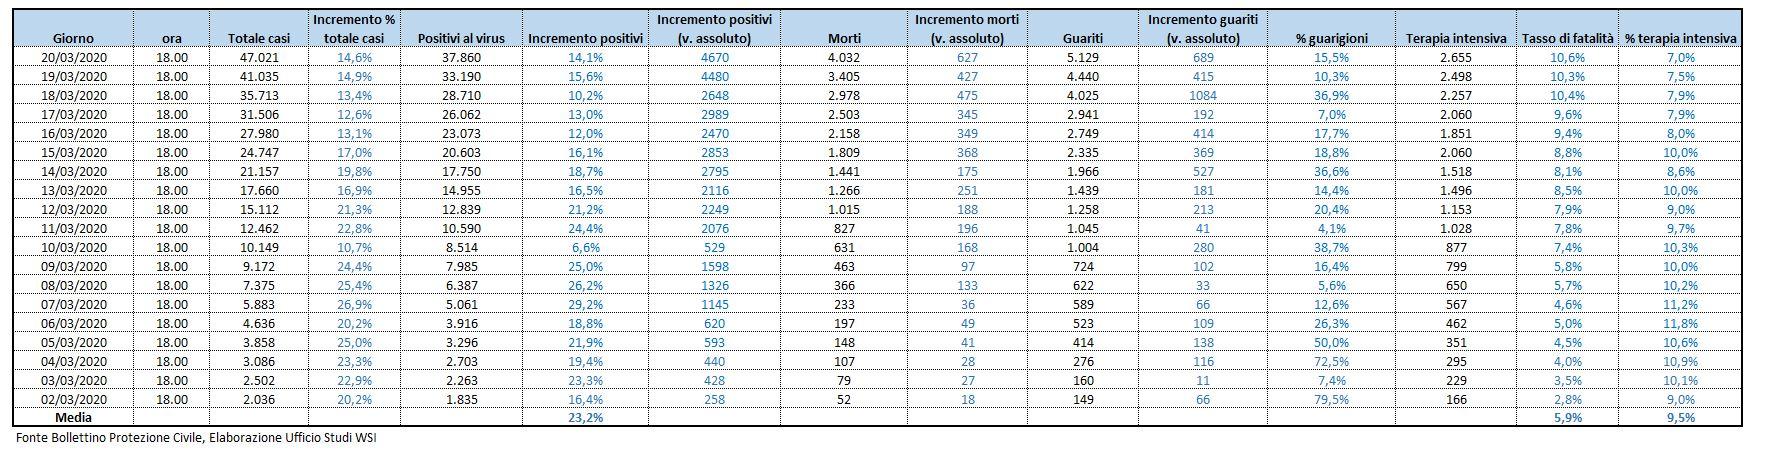 Coronavirus, i numeri dell'infezione in Italia al 23 marzo